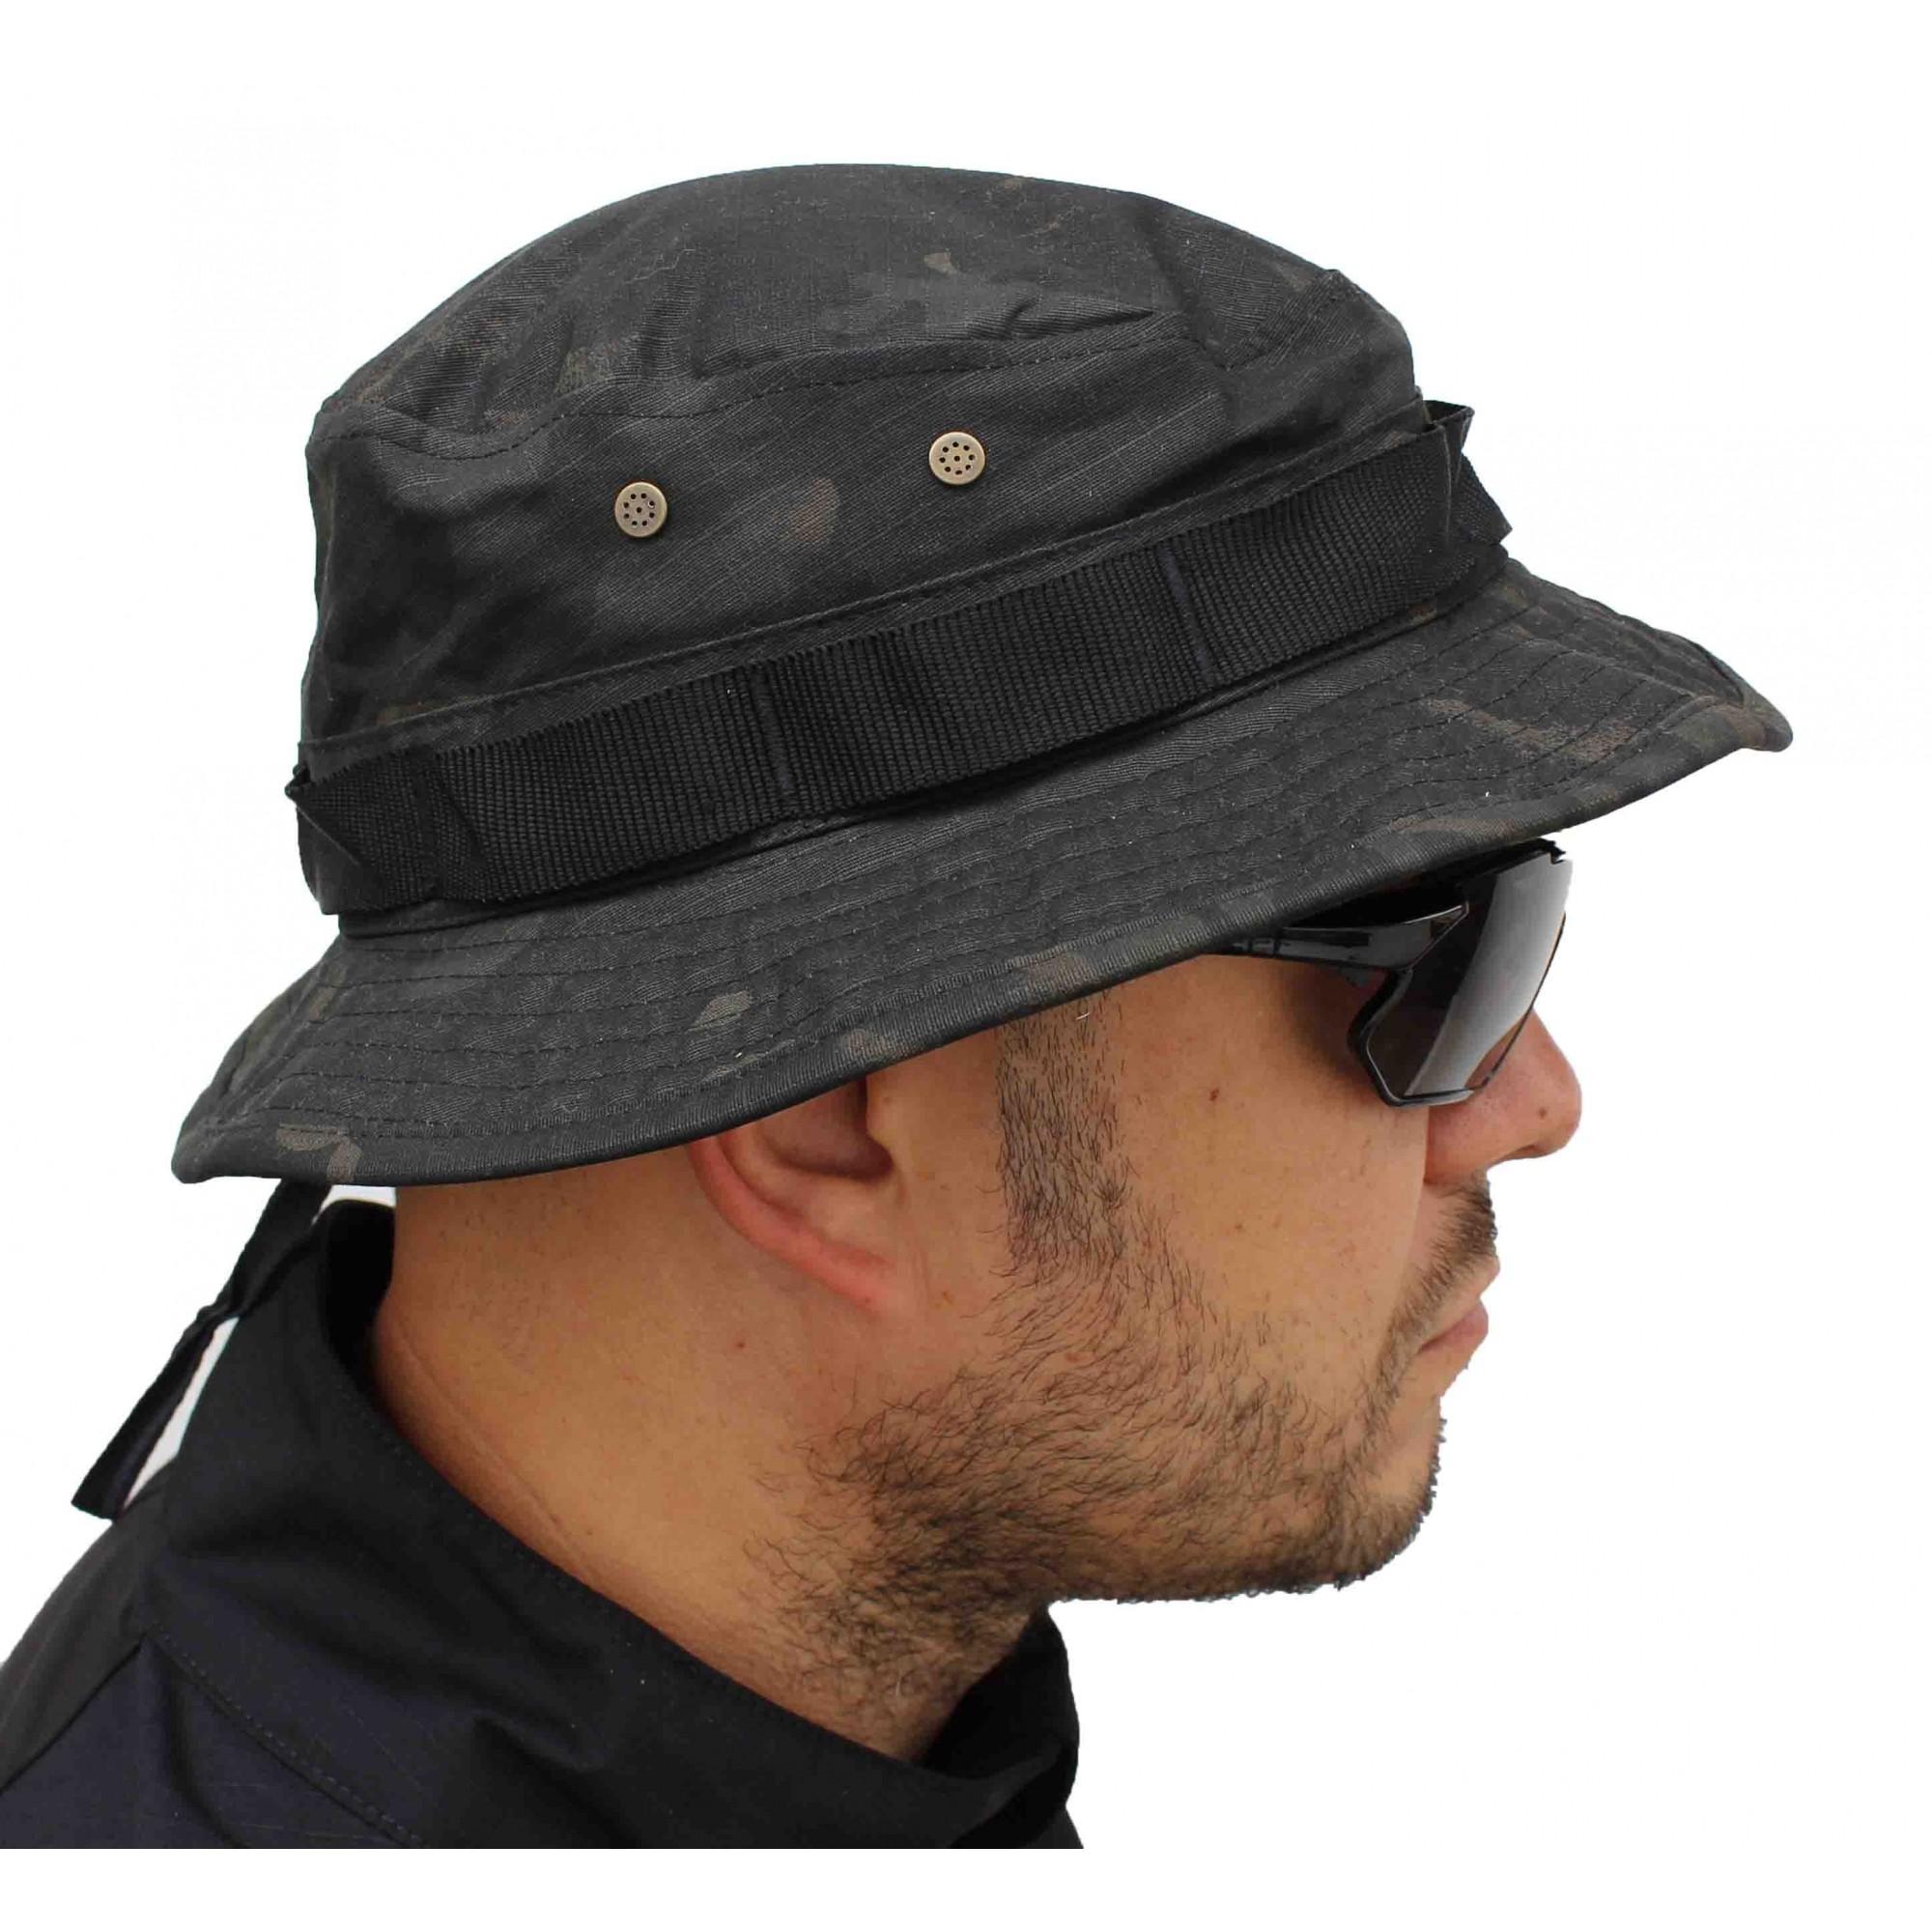 Bonnie Hat Multicam Black